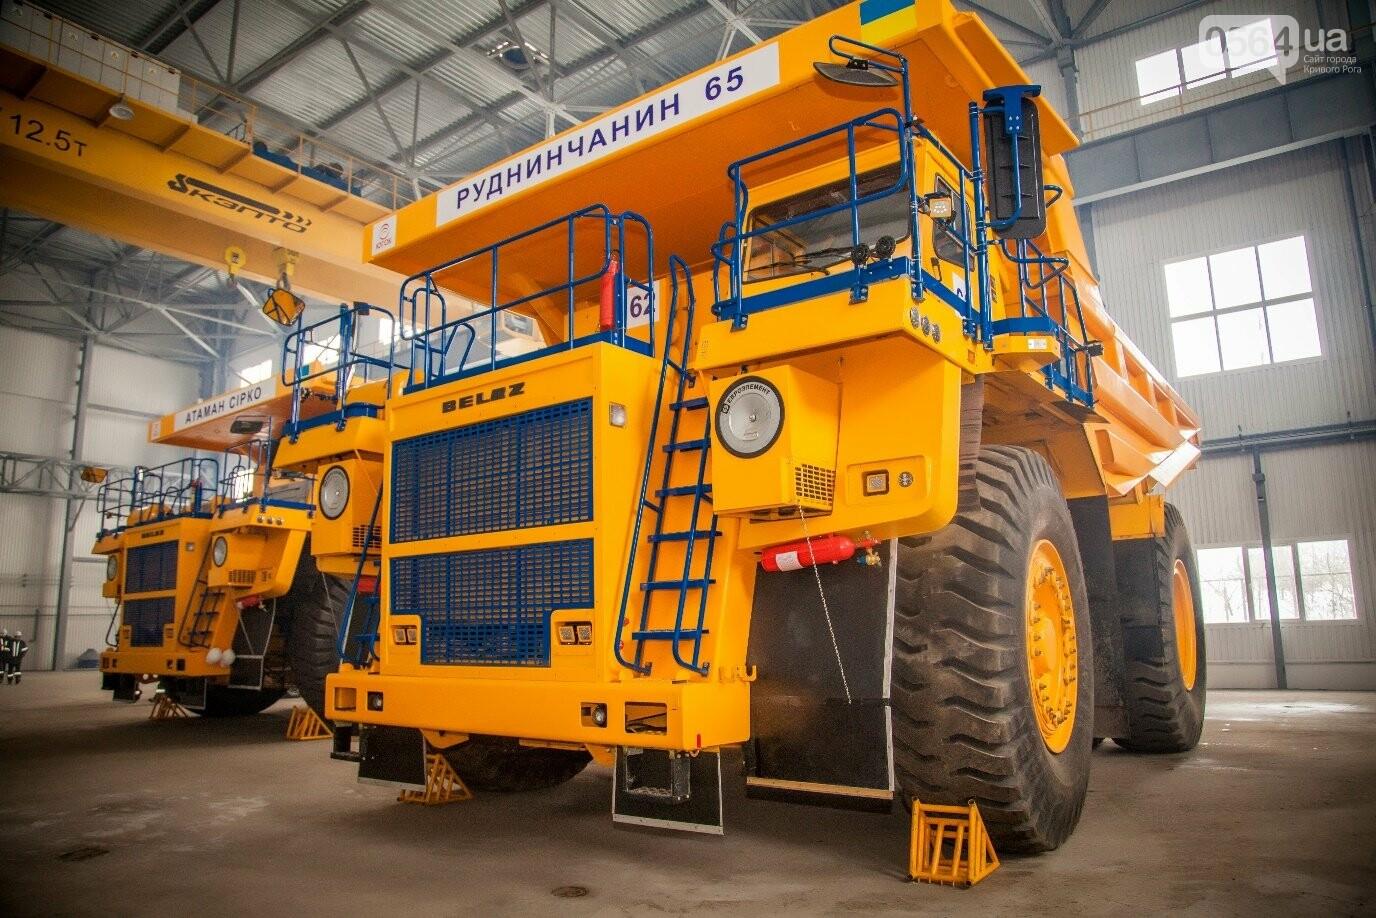 Южный ГОК инвестировал в обновление горной техники 63 миллиона гривен, фото-1